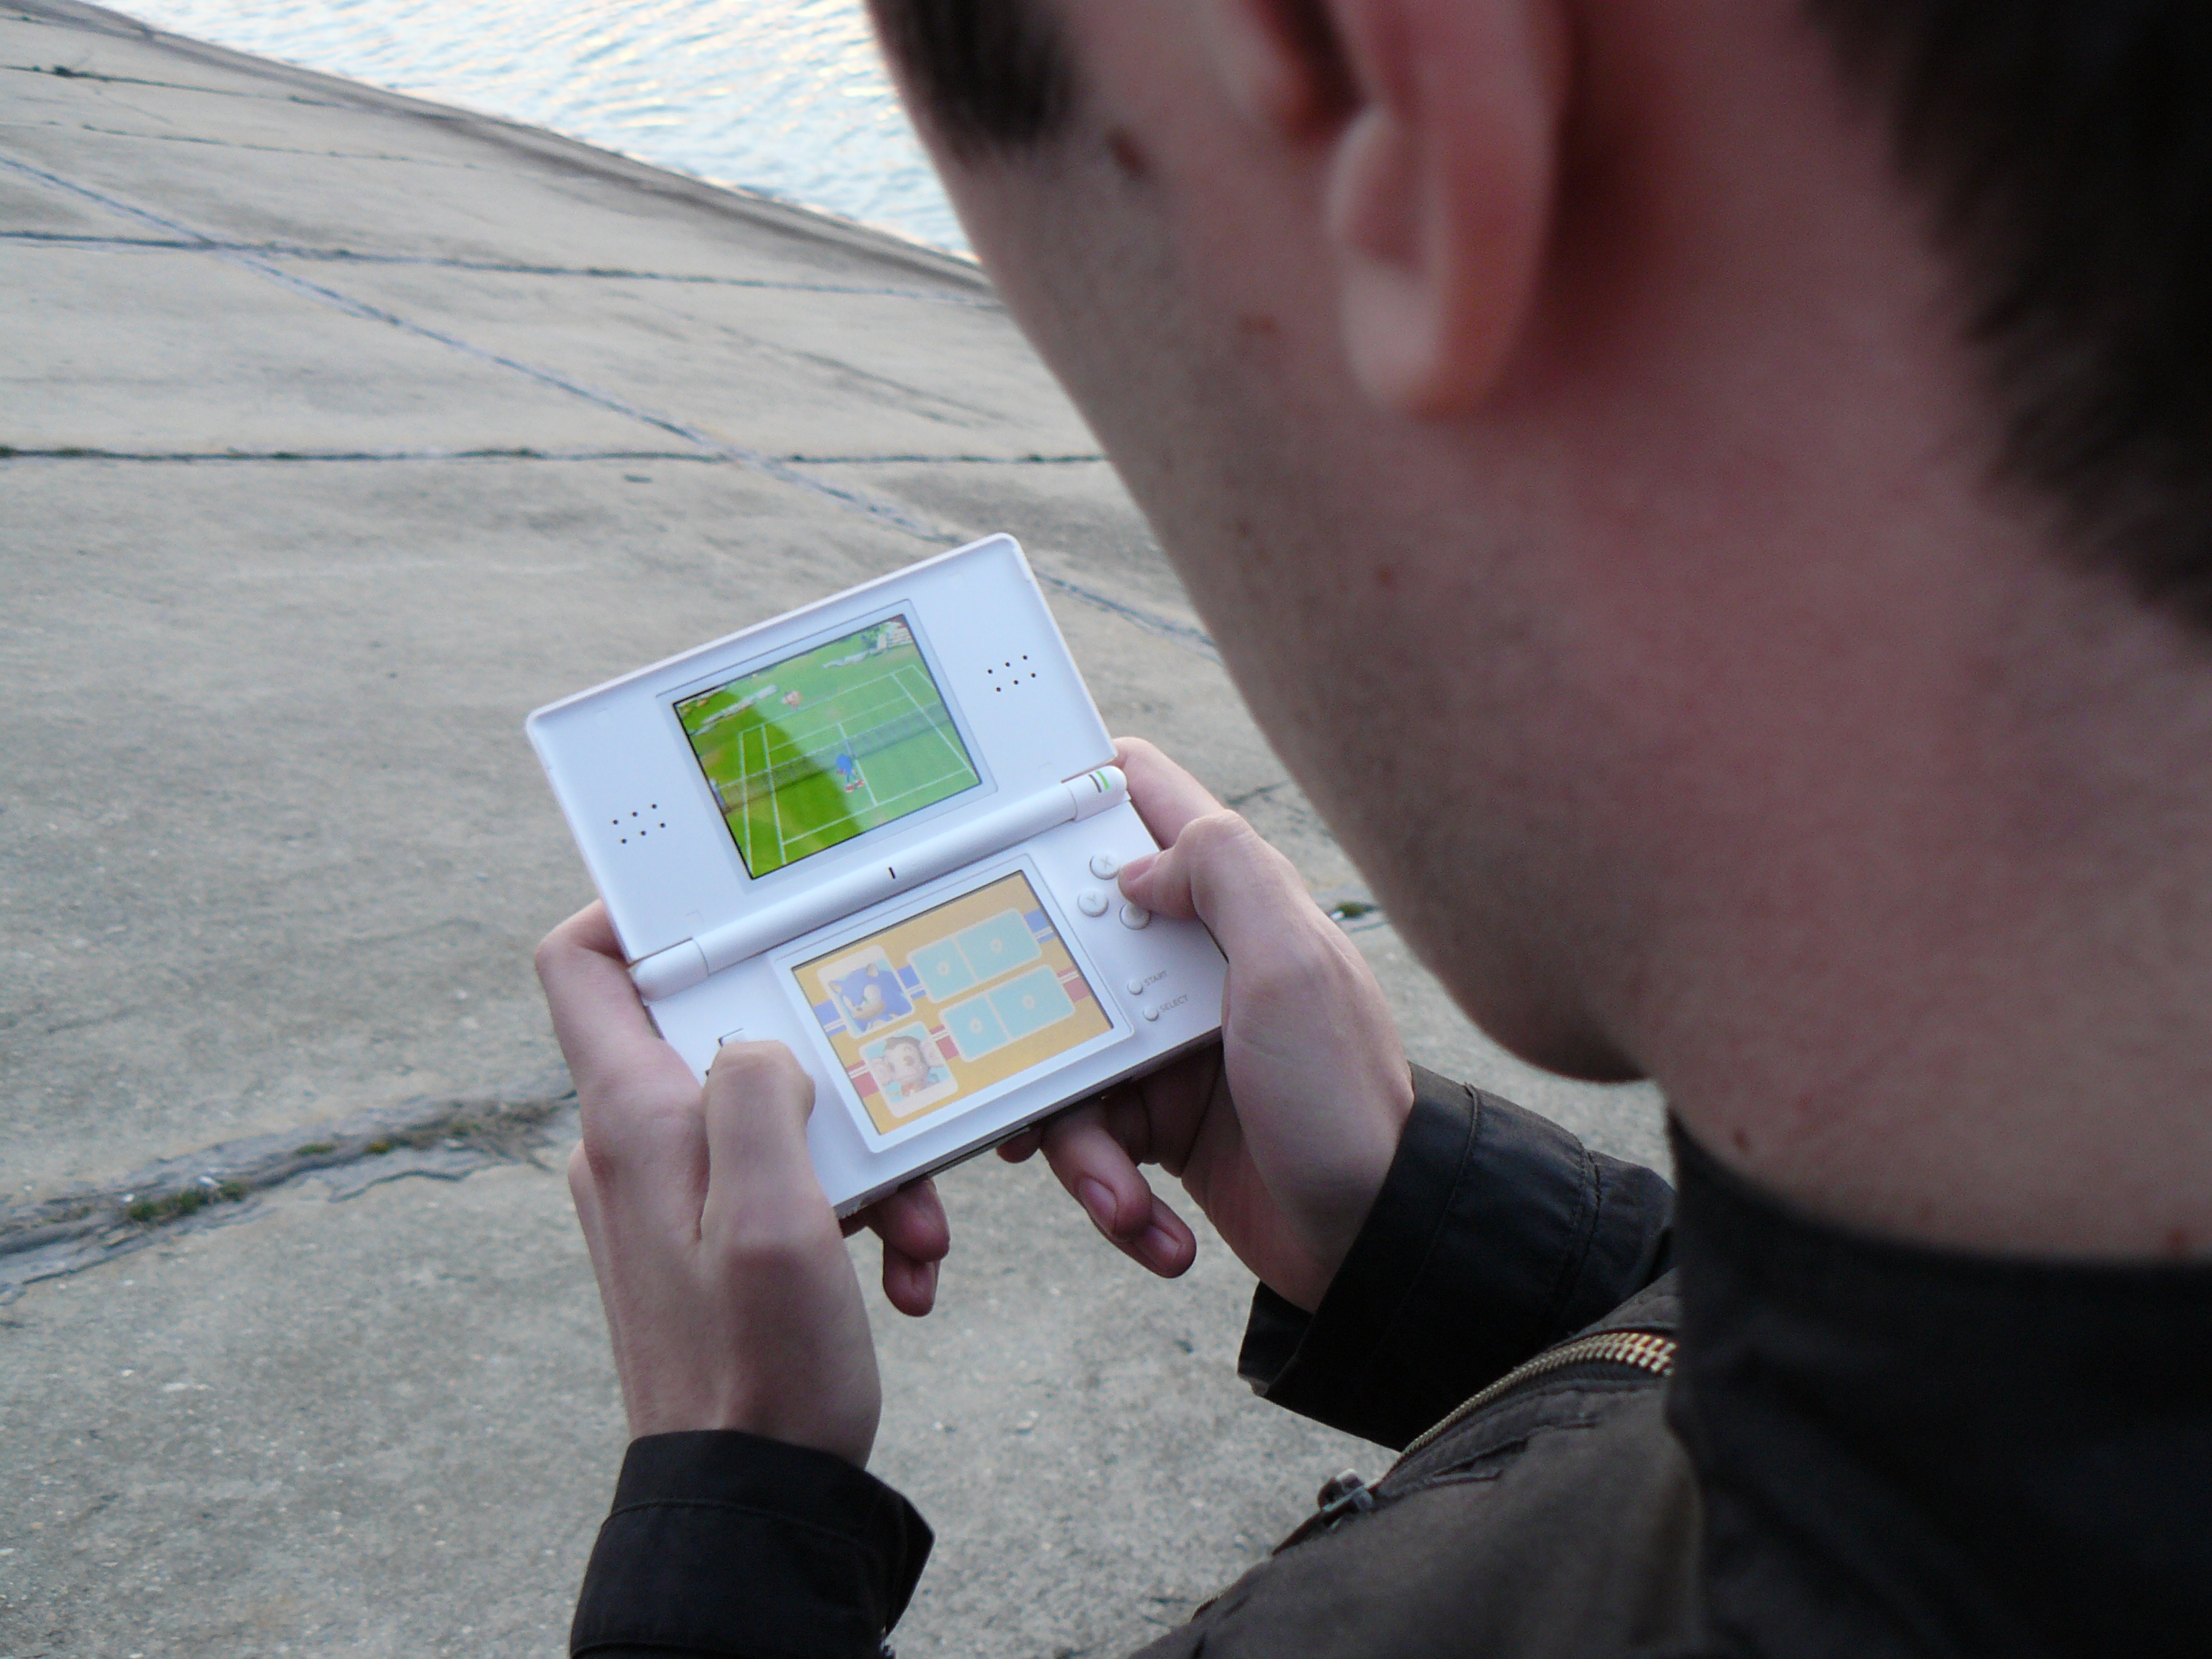 Attila описание игрового автомата